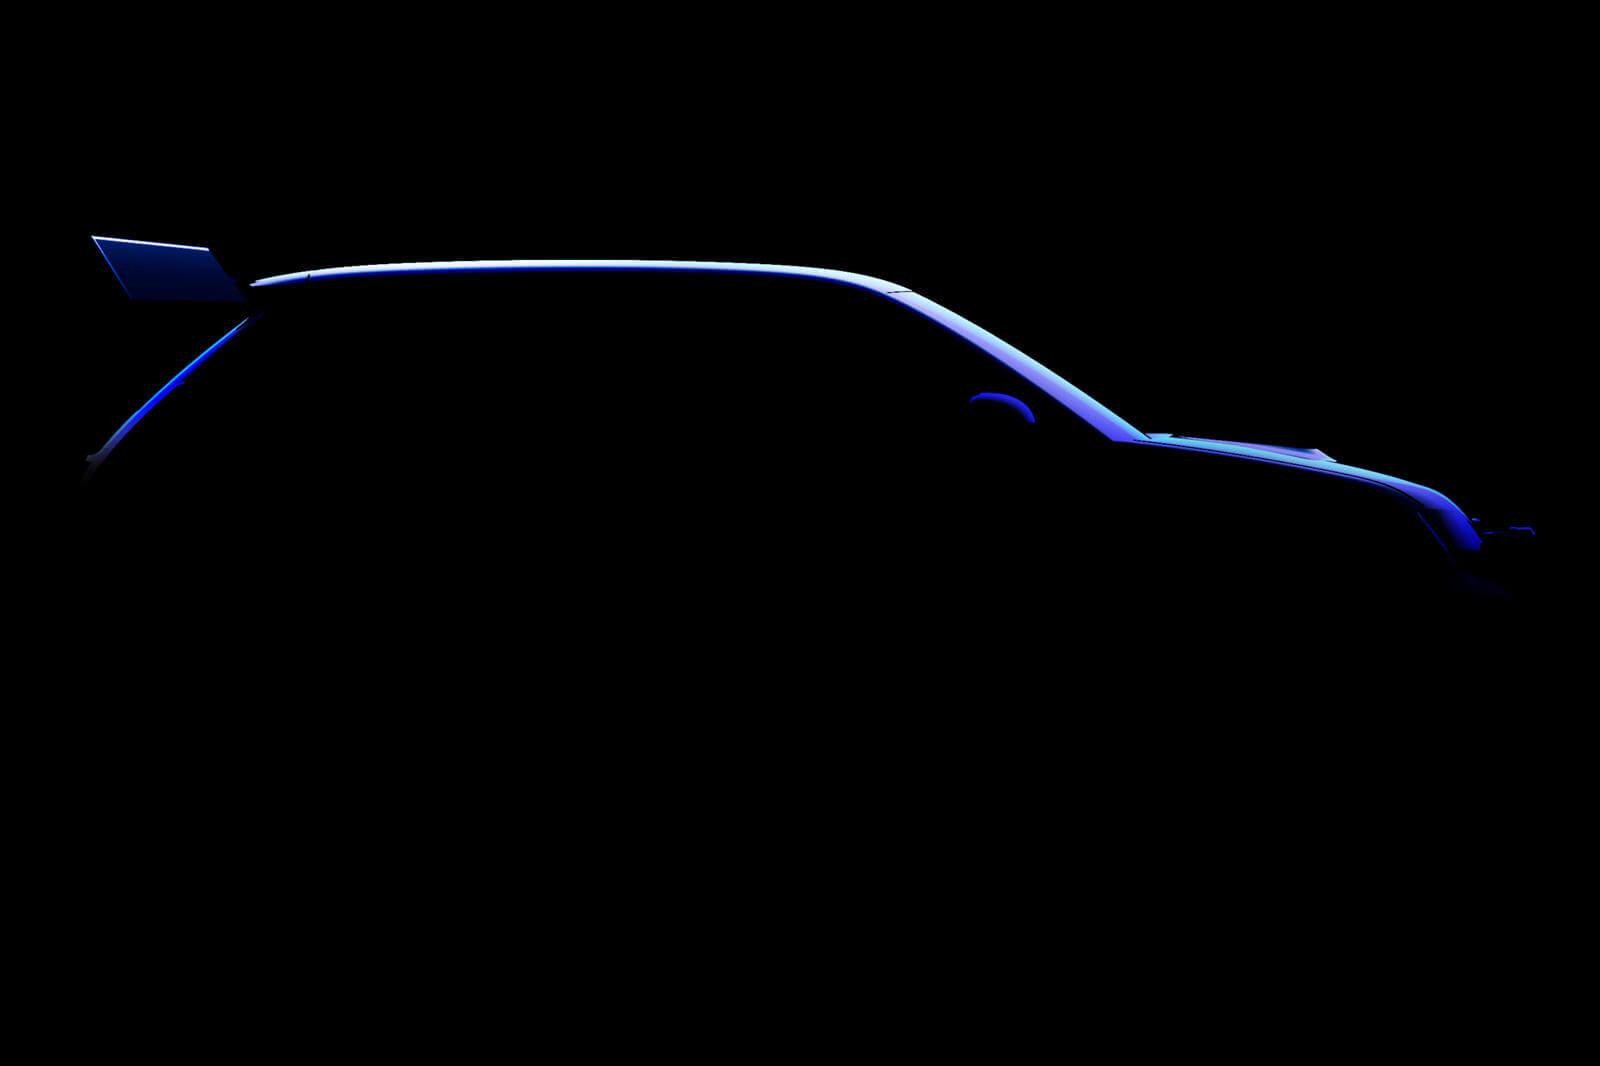 Высокопроизводительная версия на основе будущего Renault 5 EV